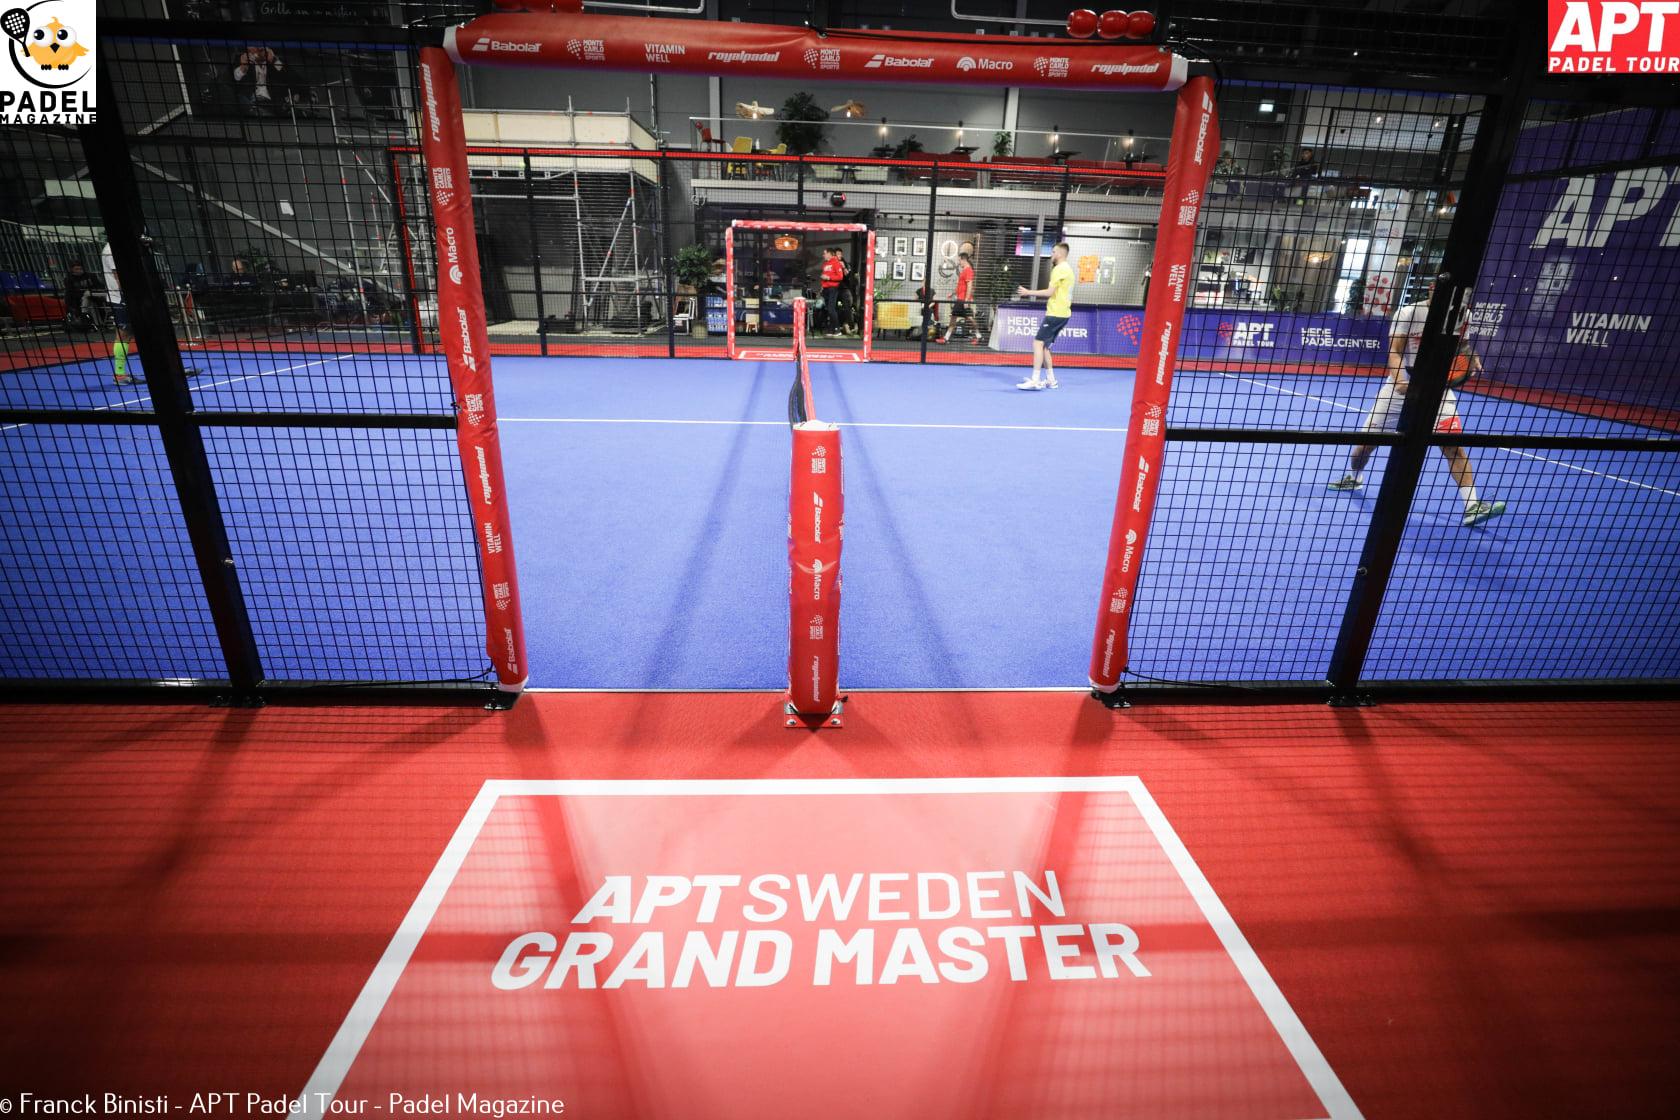 Wo kann man die 8. live von der APT . sehen? Padel Tour - Schweden-Großmeister?